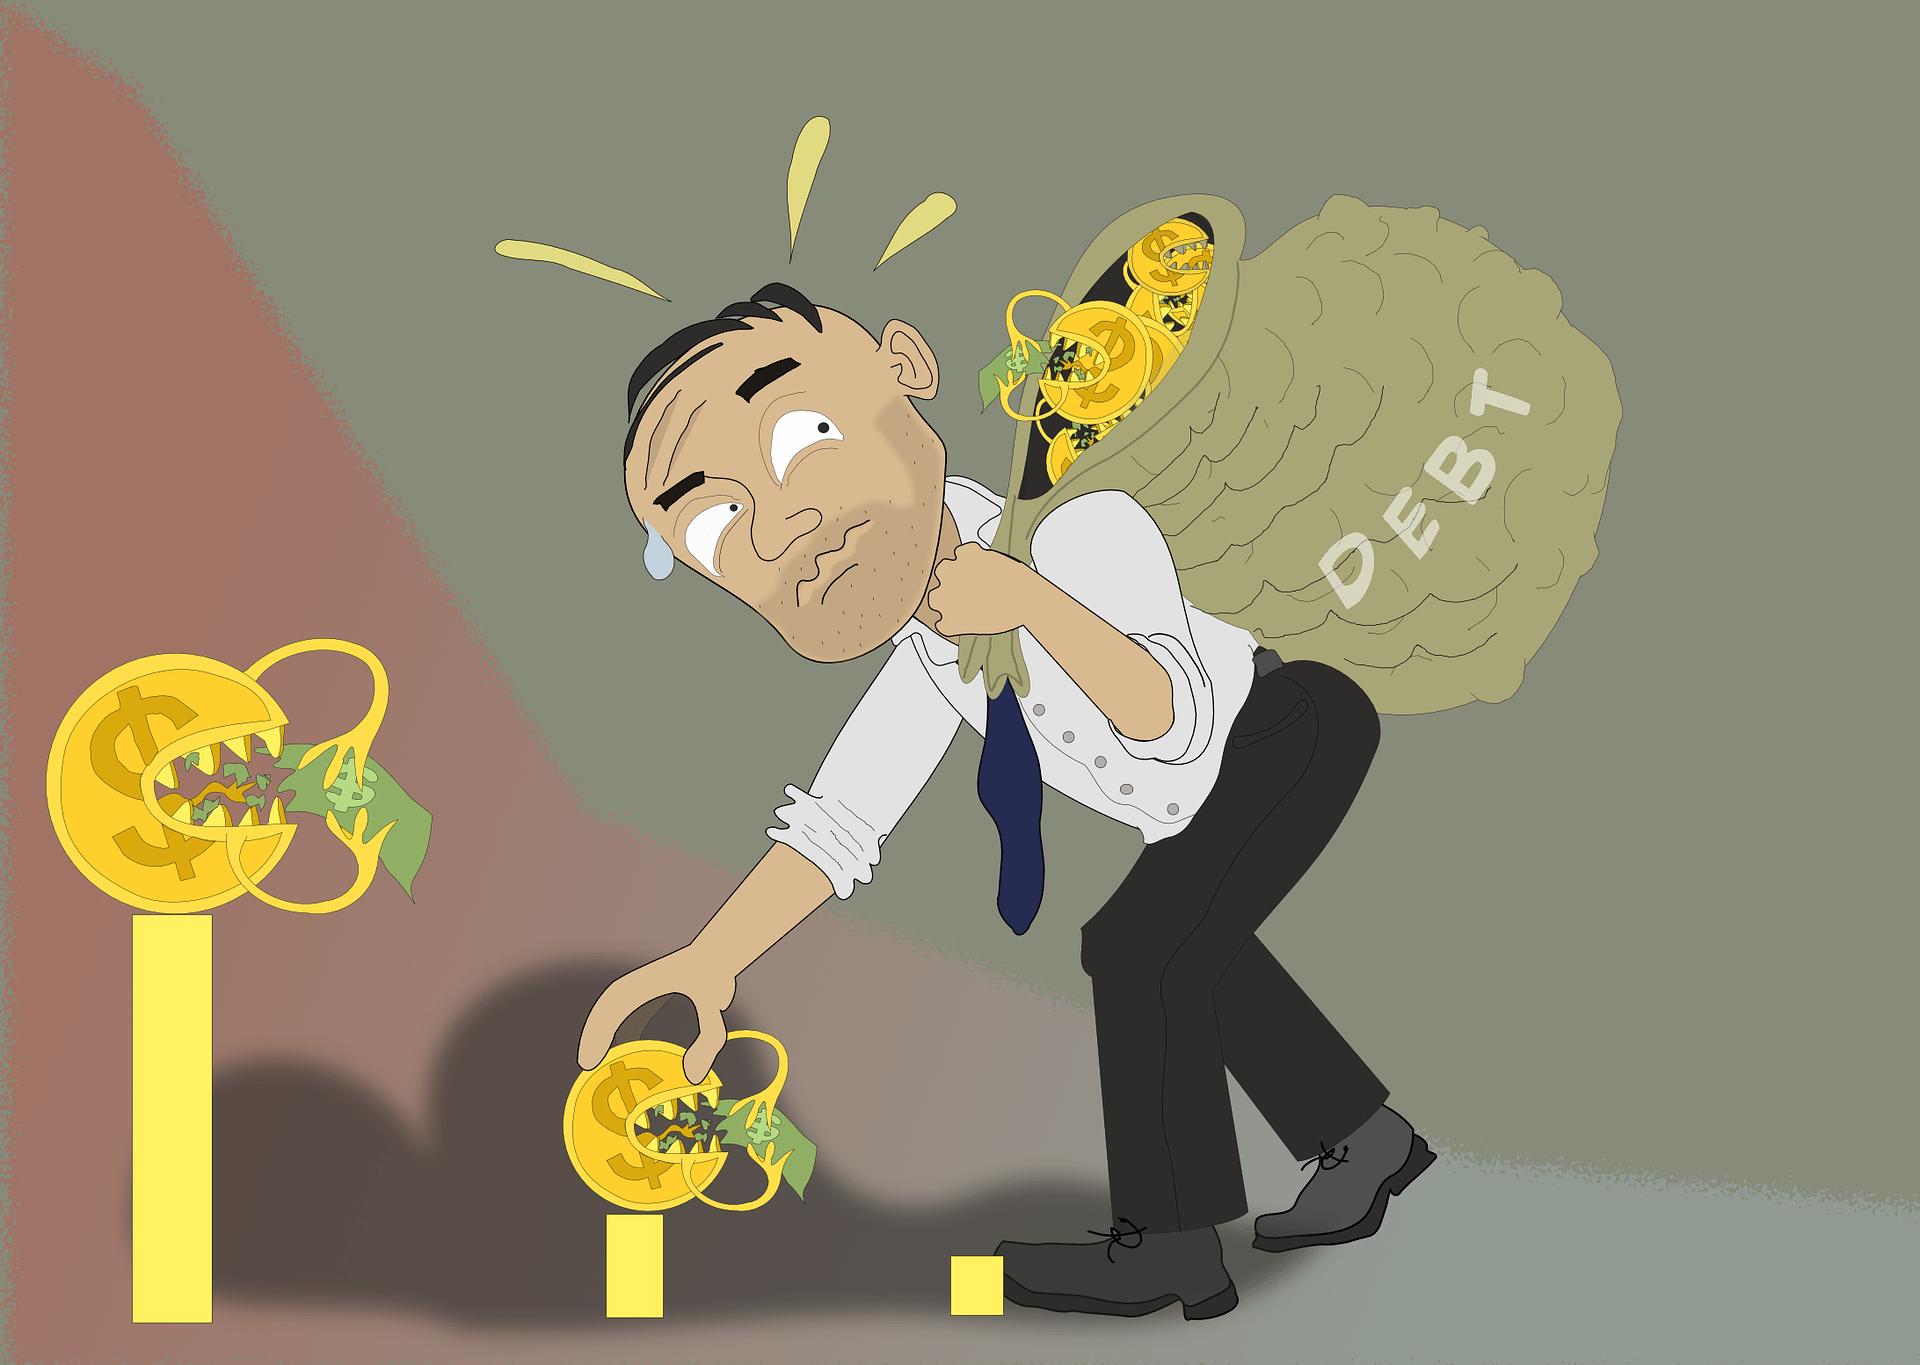 debt-1500774_1920.png